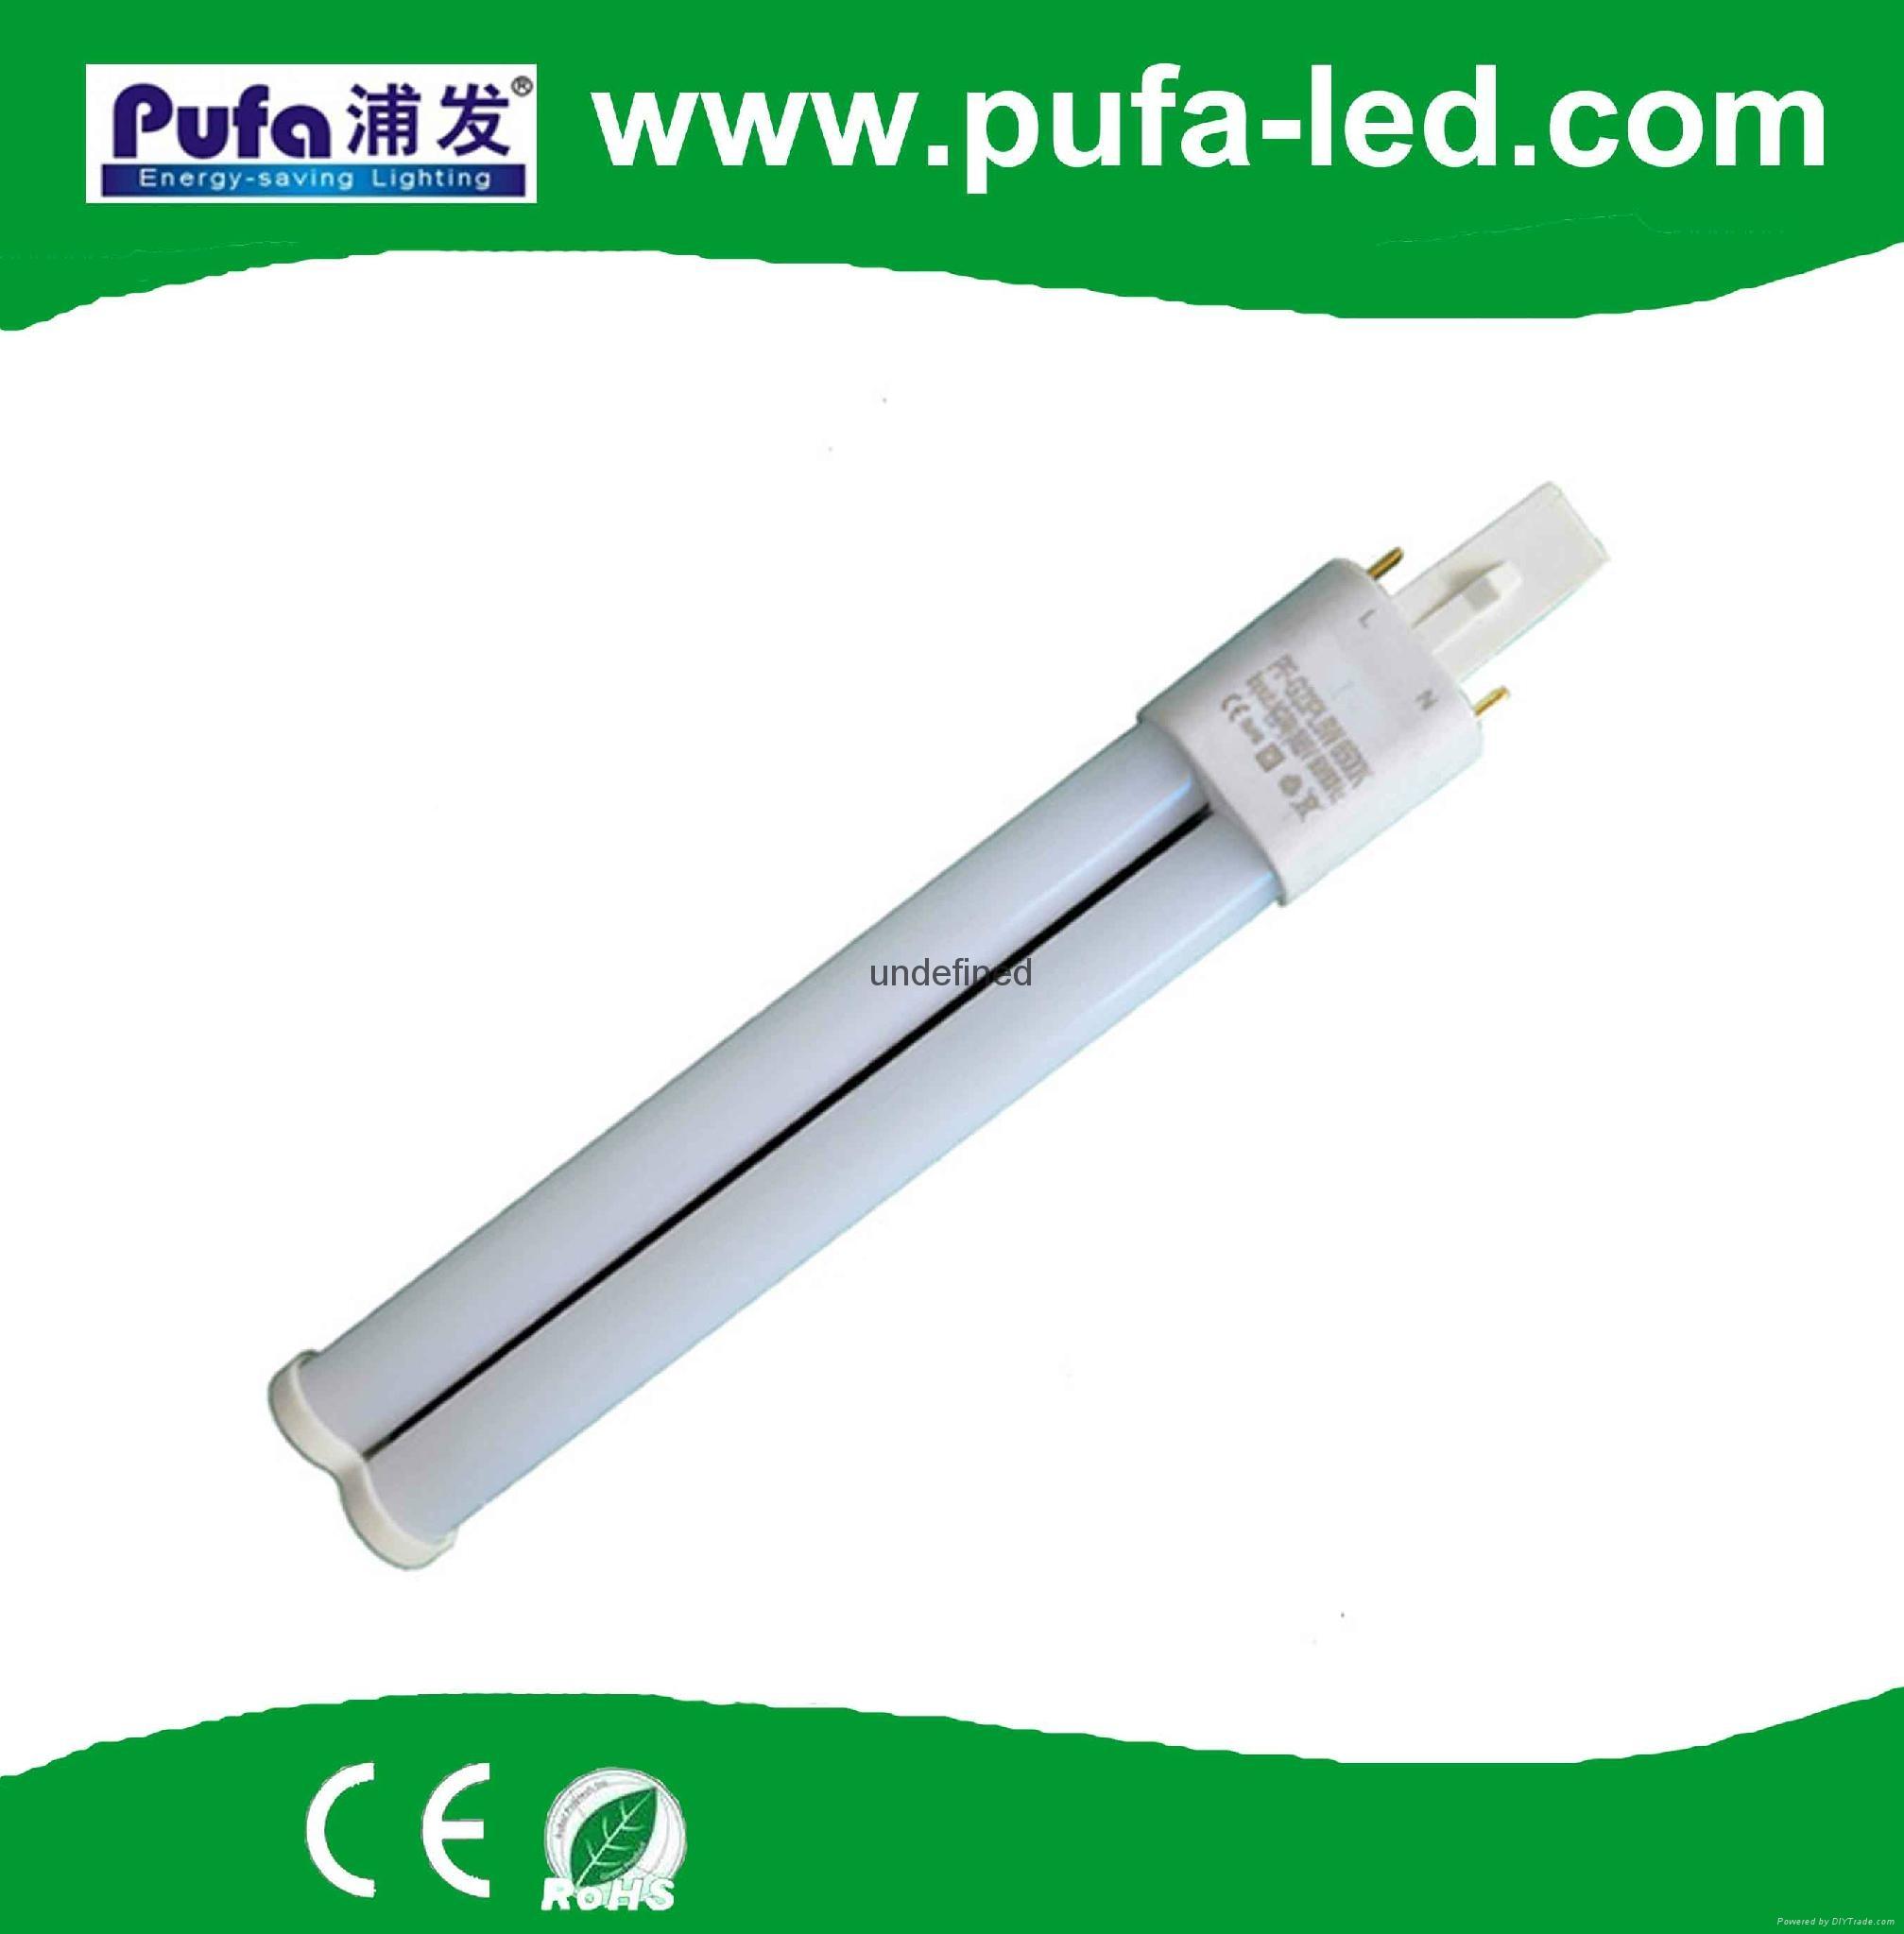 G23 LED 横插灯 5W 1